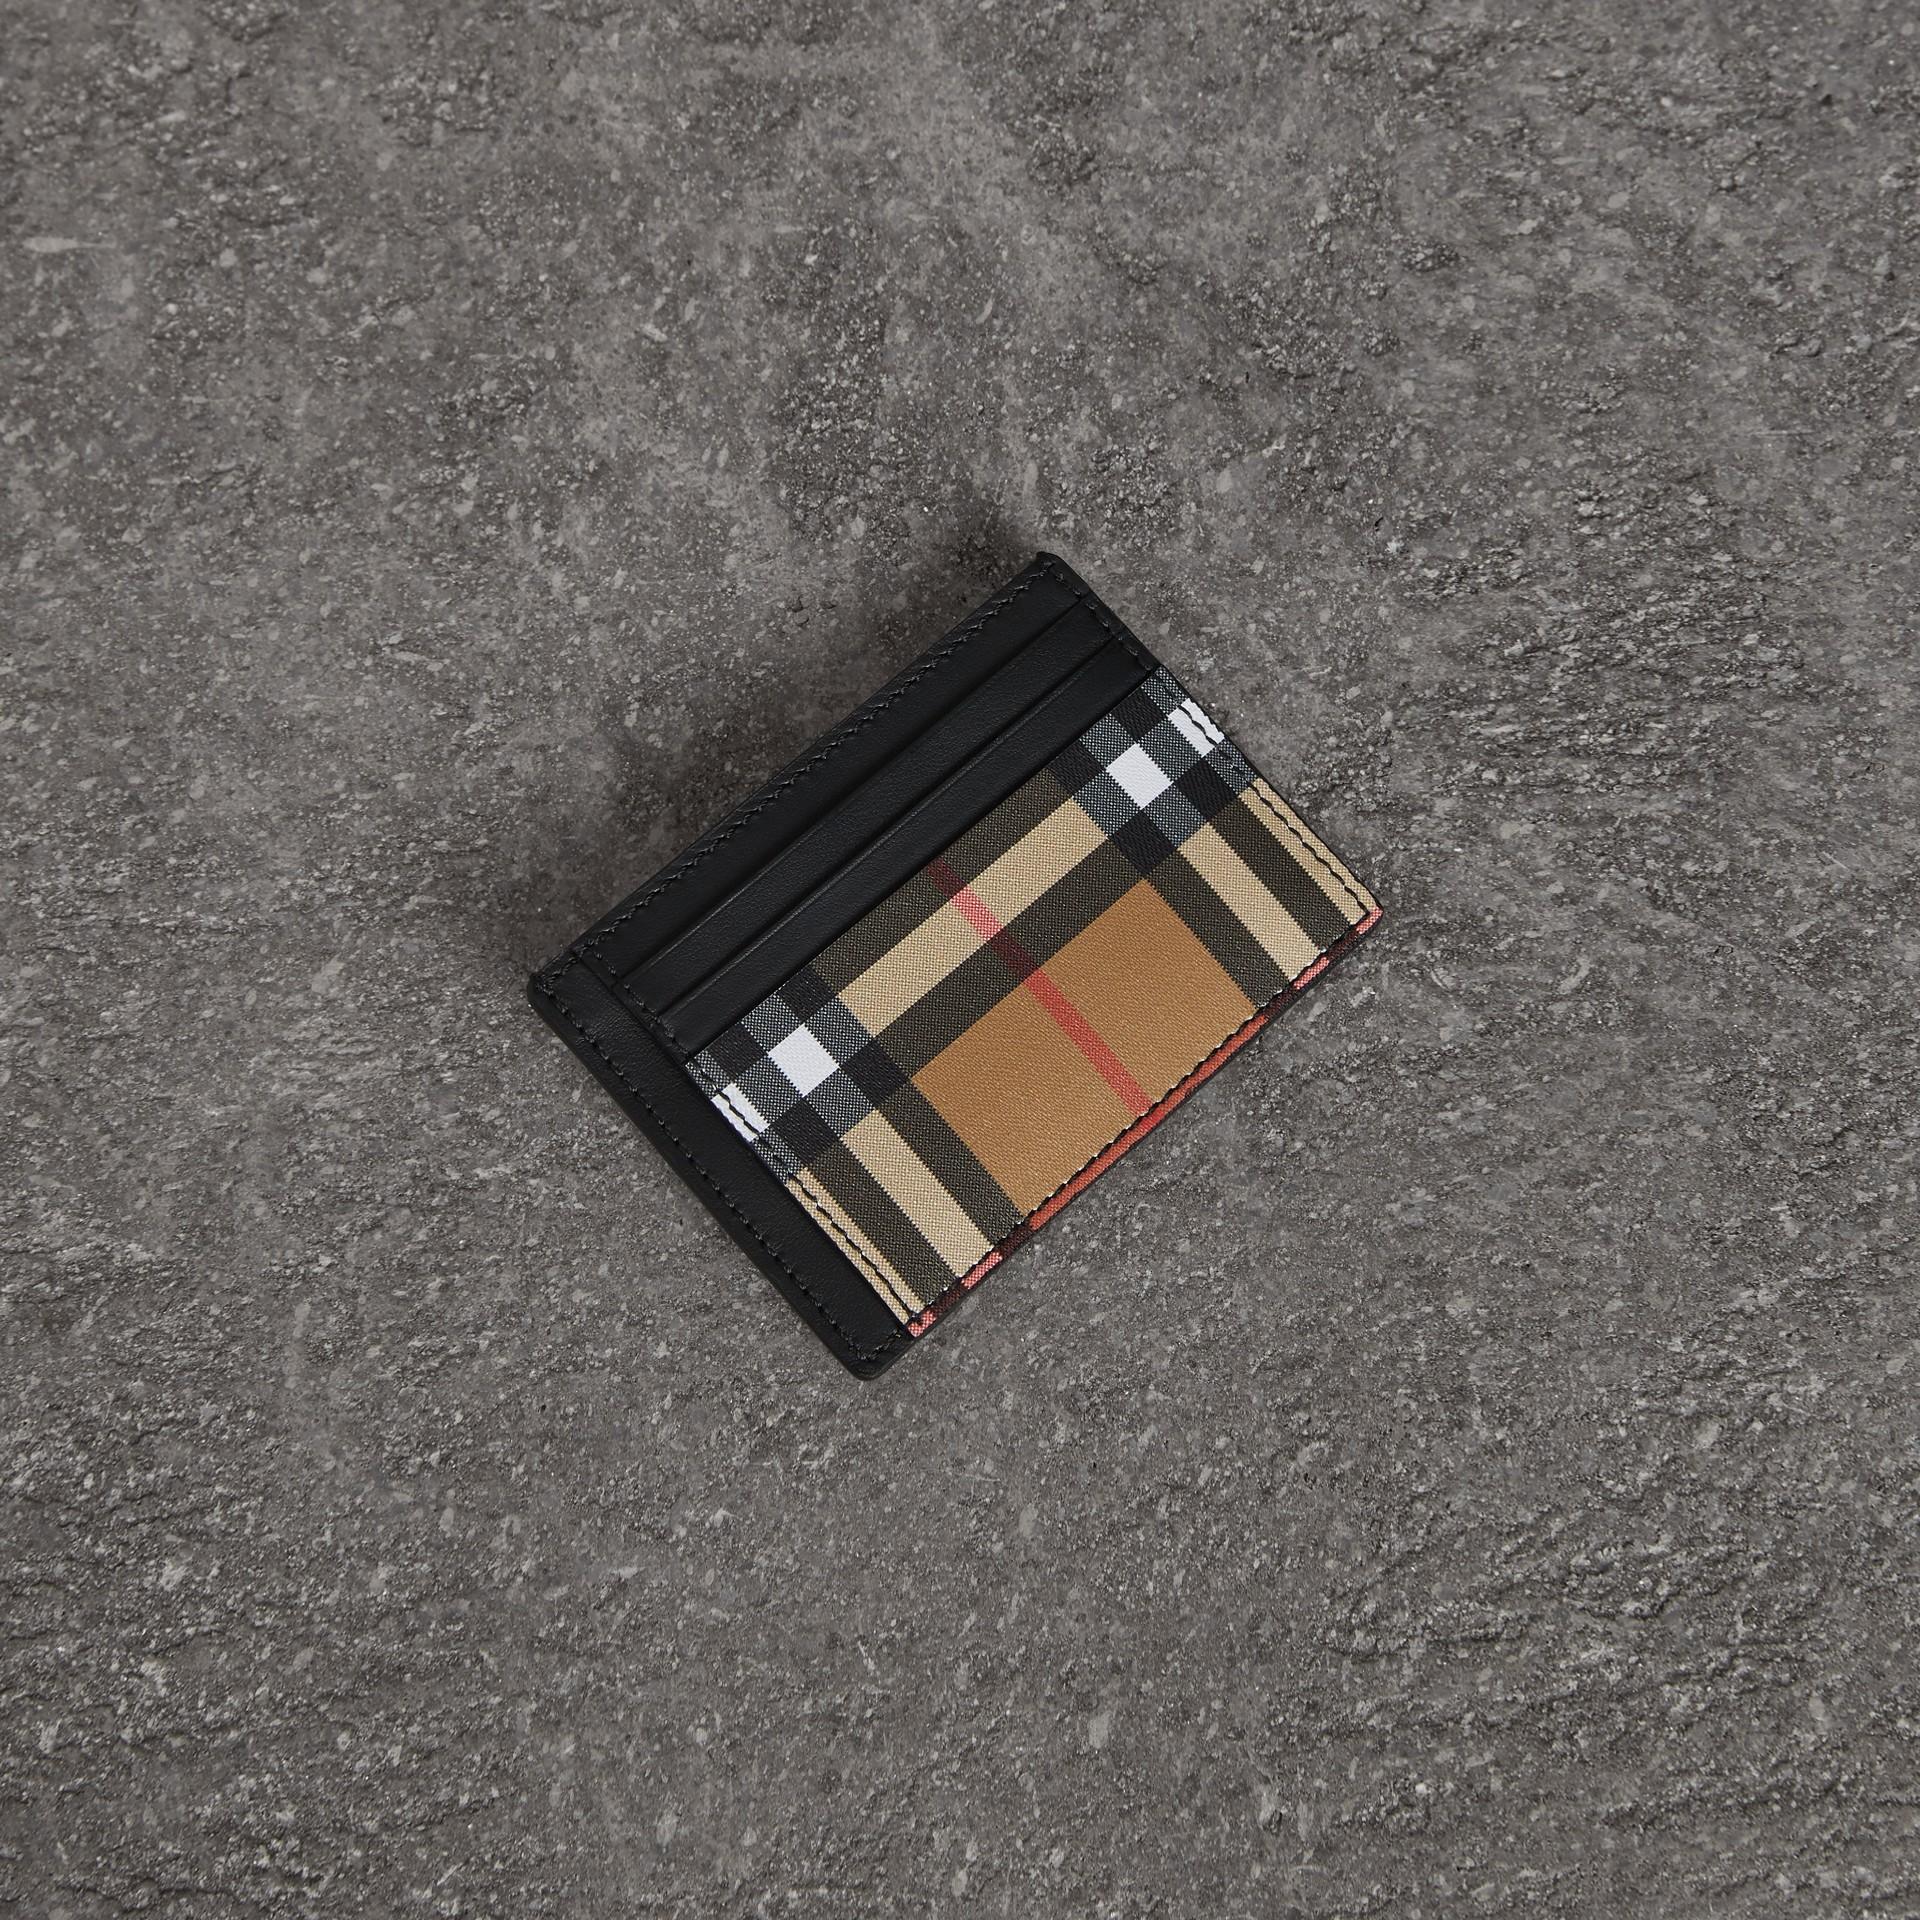 ヴィンテージチェック&レザー マネークリップ カードケース (ブラック) - メンズ | バーバリー - ギャラリーイメージ 0